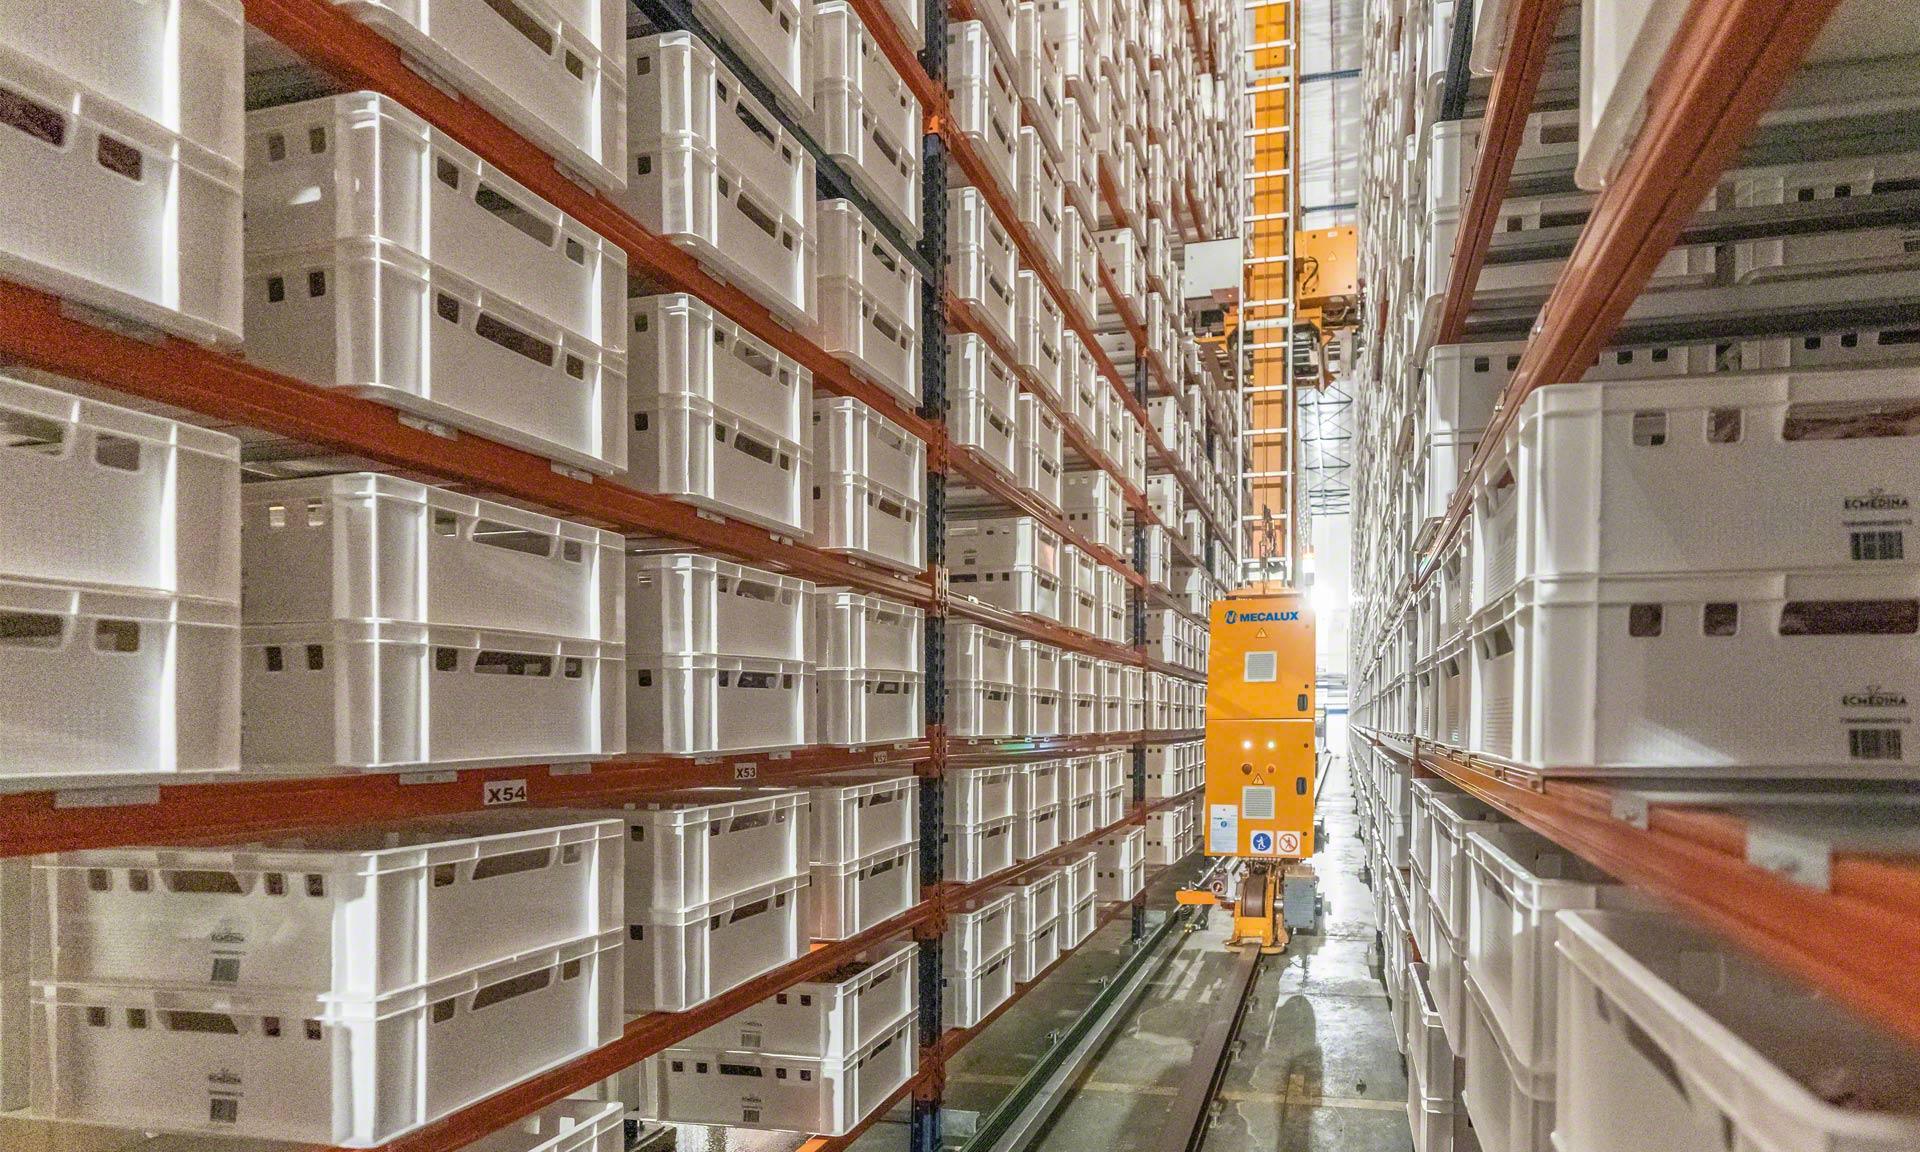 Elaborados Cárnicos Medina: 30 millones de kilos/año de ternera en un búfer automático